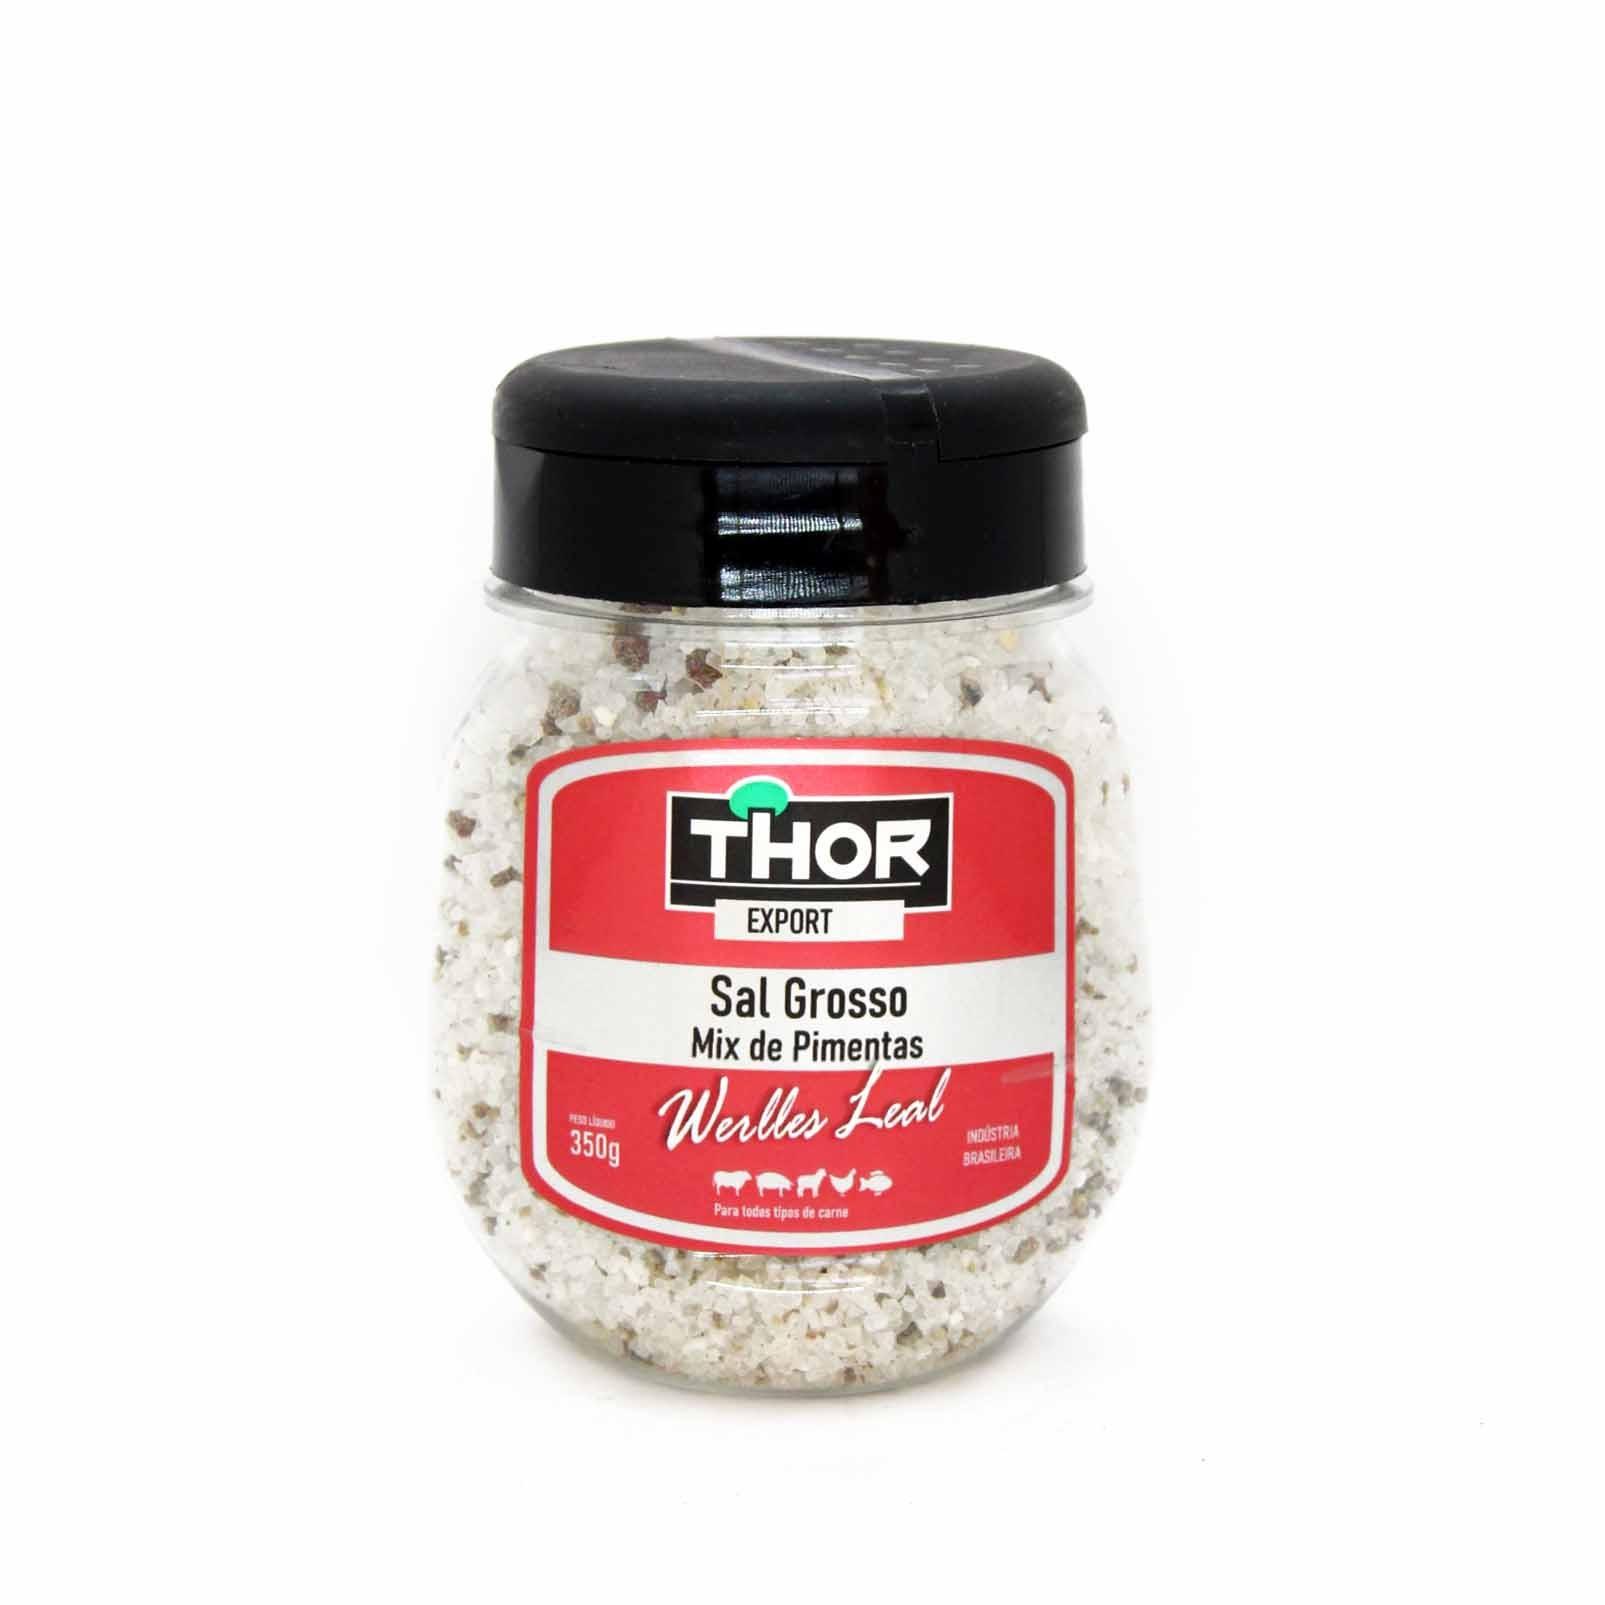 Sal Grosso Werlles Leal Mix de Pimentas Thor 350gr